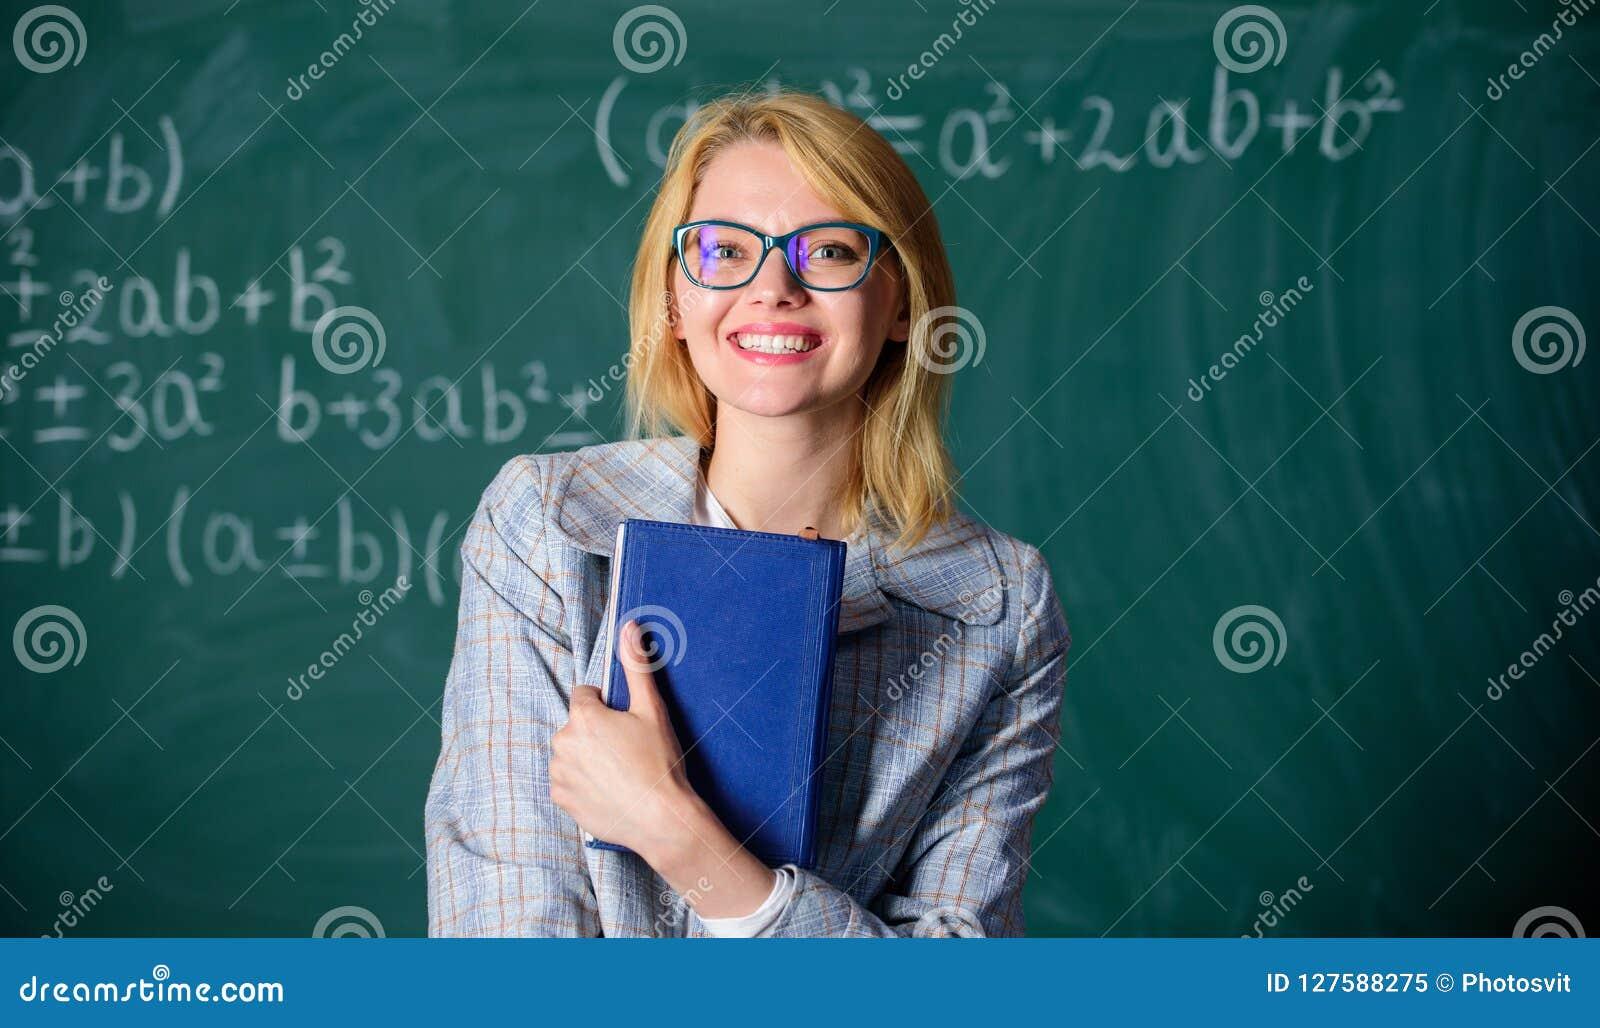 Grande letra de recomendação Quadro de sorriso da parte dianteira do suporte de livro da posse do professor da mulher Recomendaçã